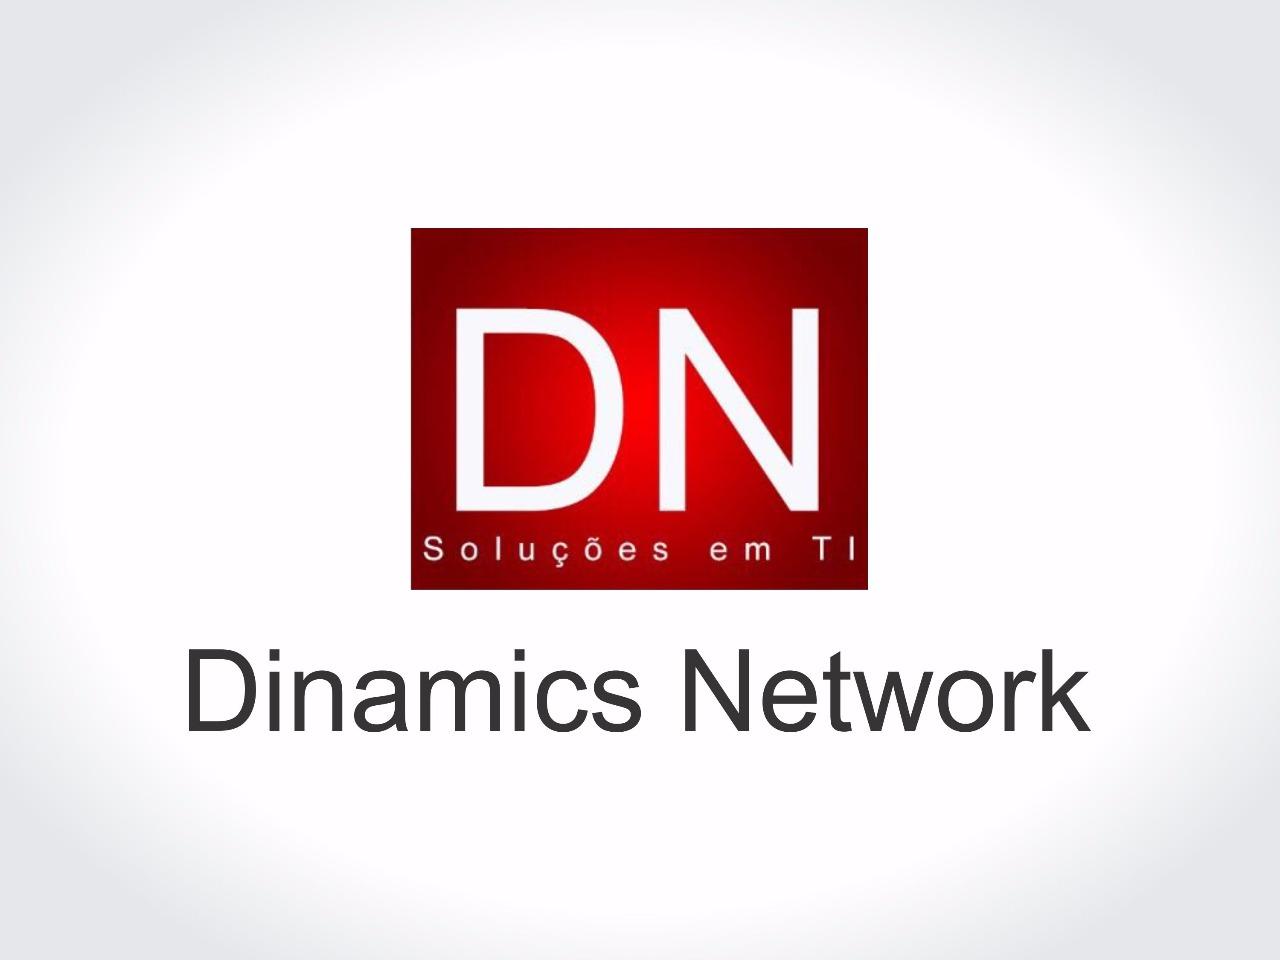 DINAMICS NETWOK